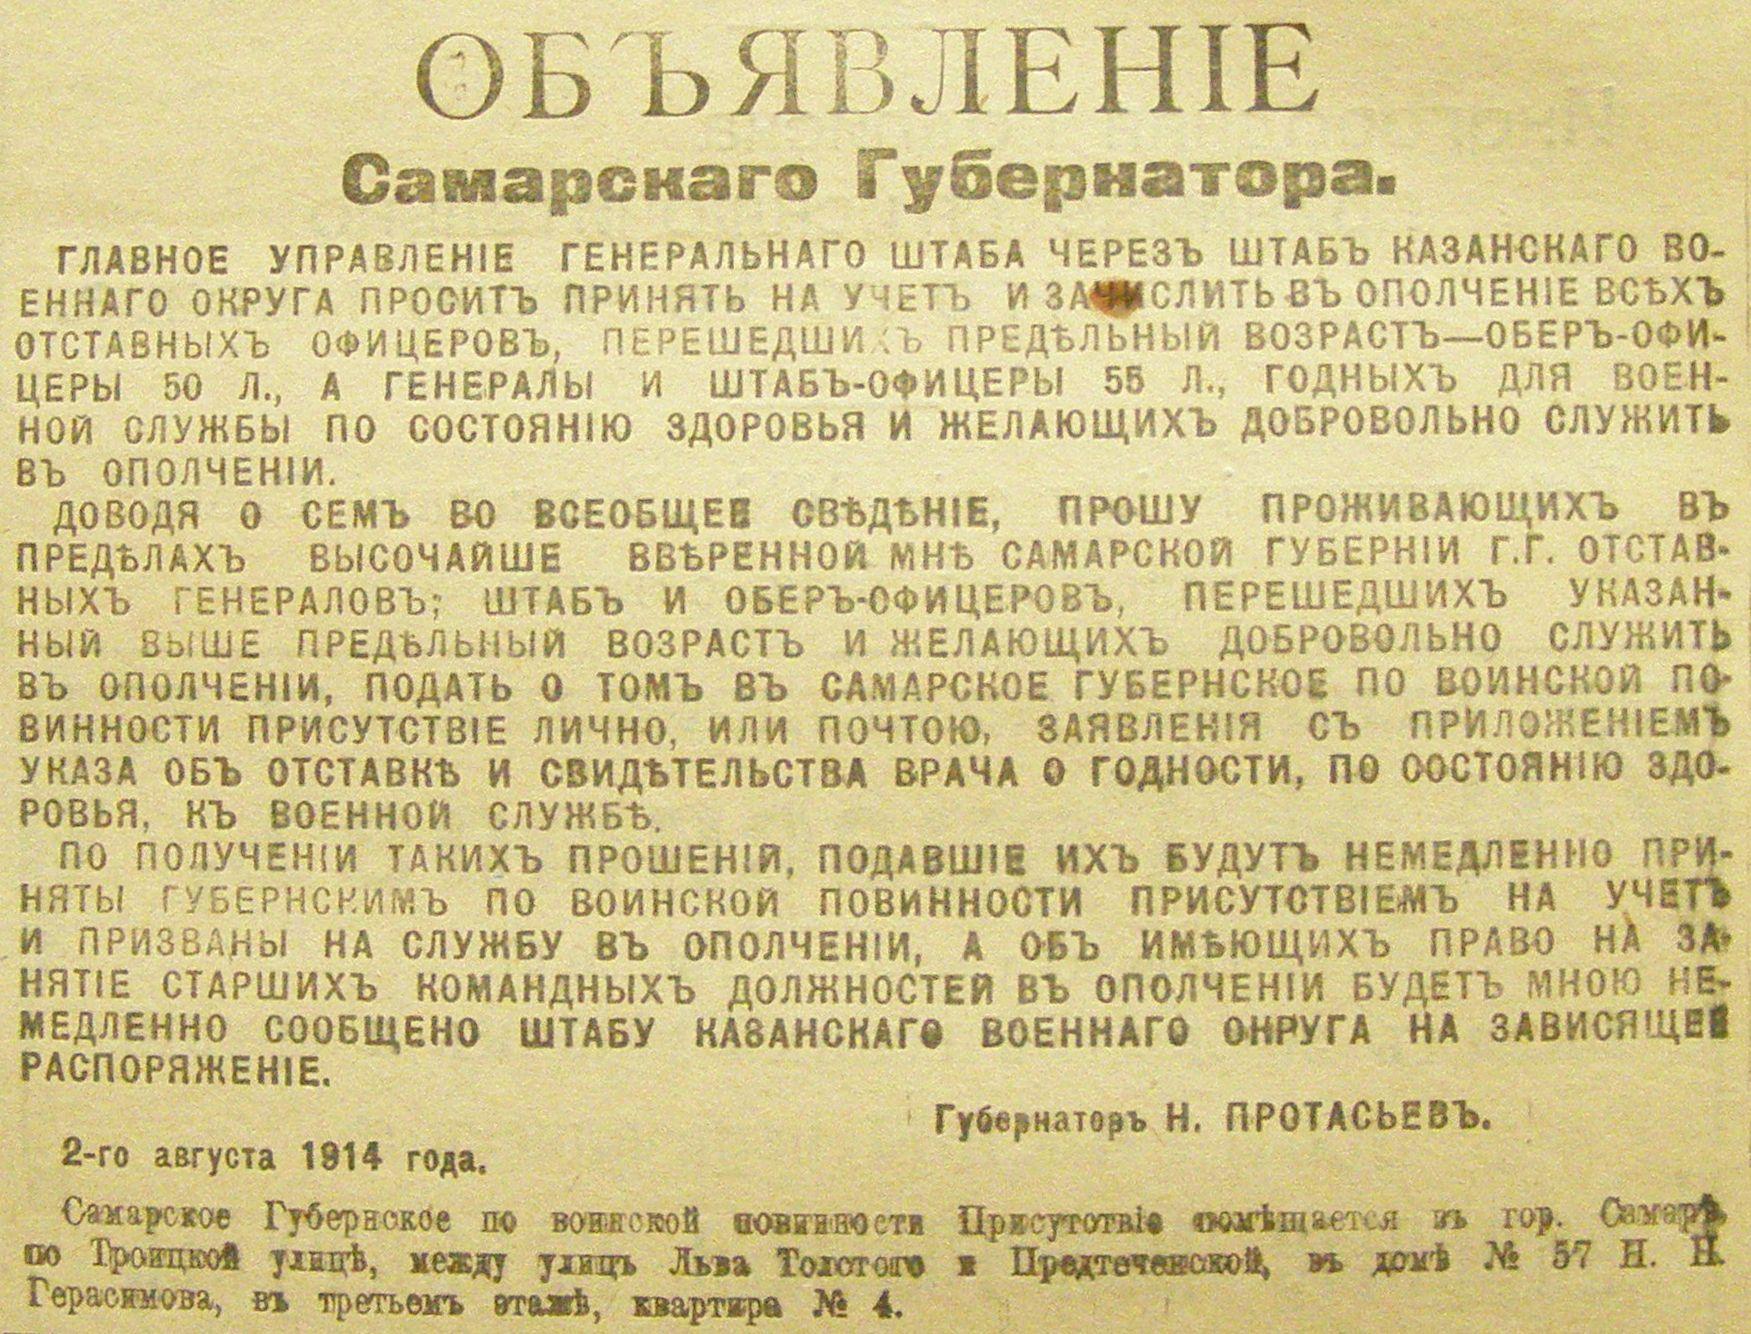 1914. Газета «Волжское слово», 3 августа